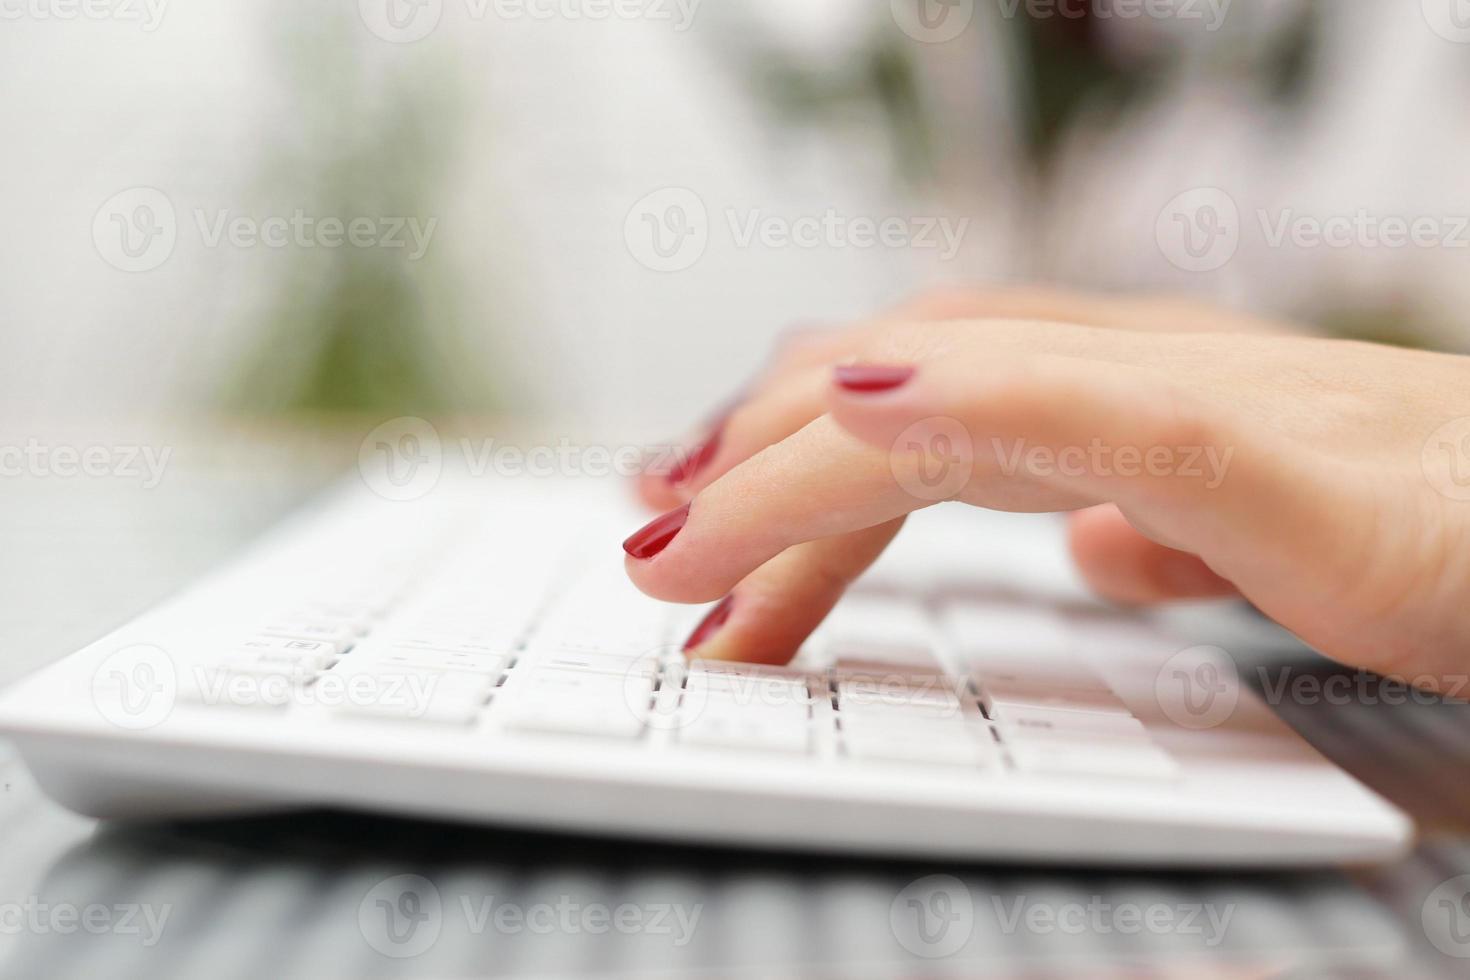 femininos dedos digitando no teclado branco foto